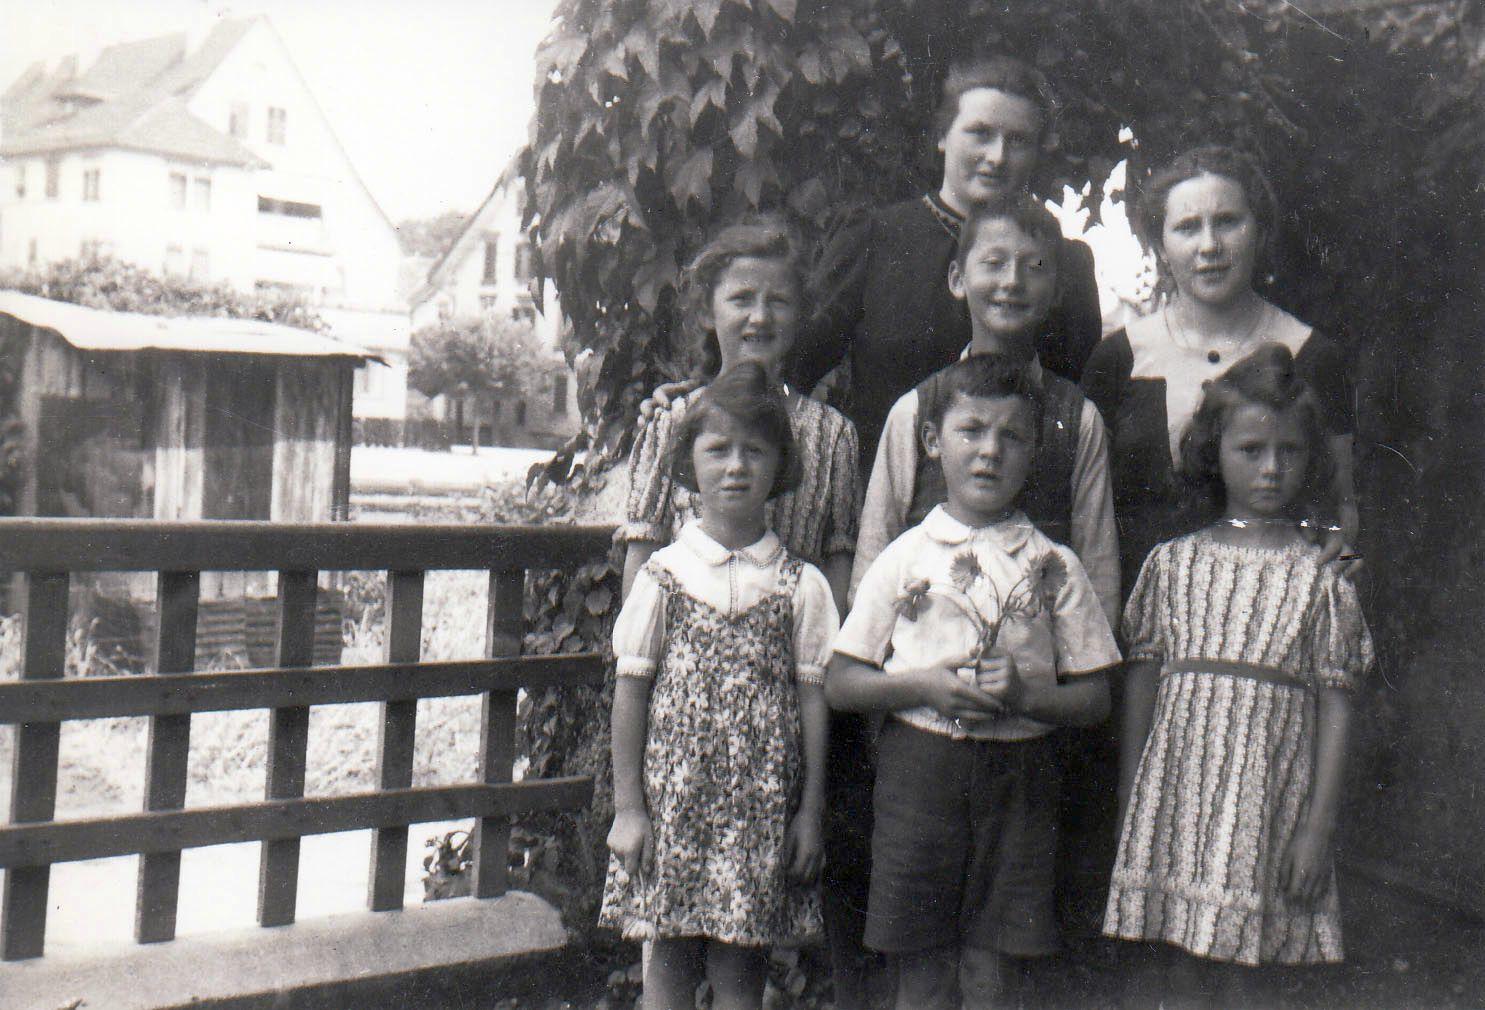 Kinder des Josef Fischer (etwa 1944)